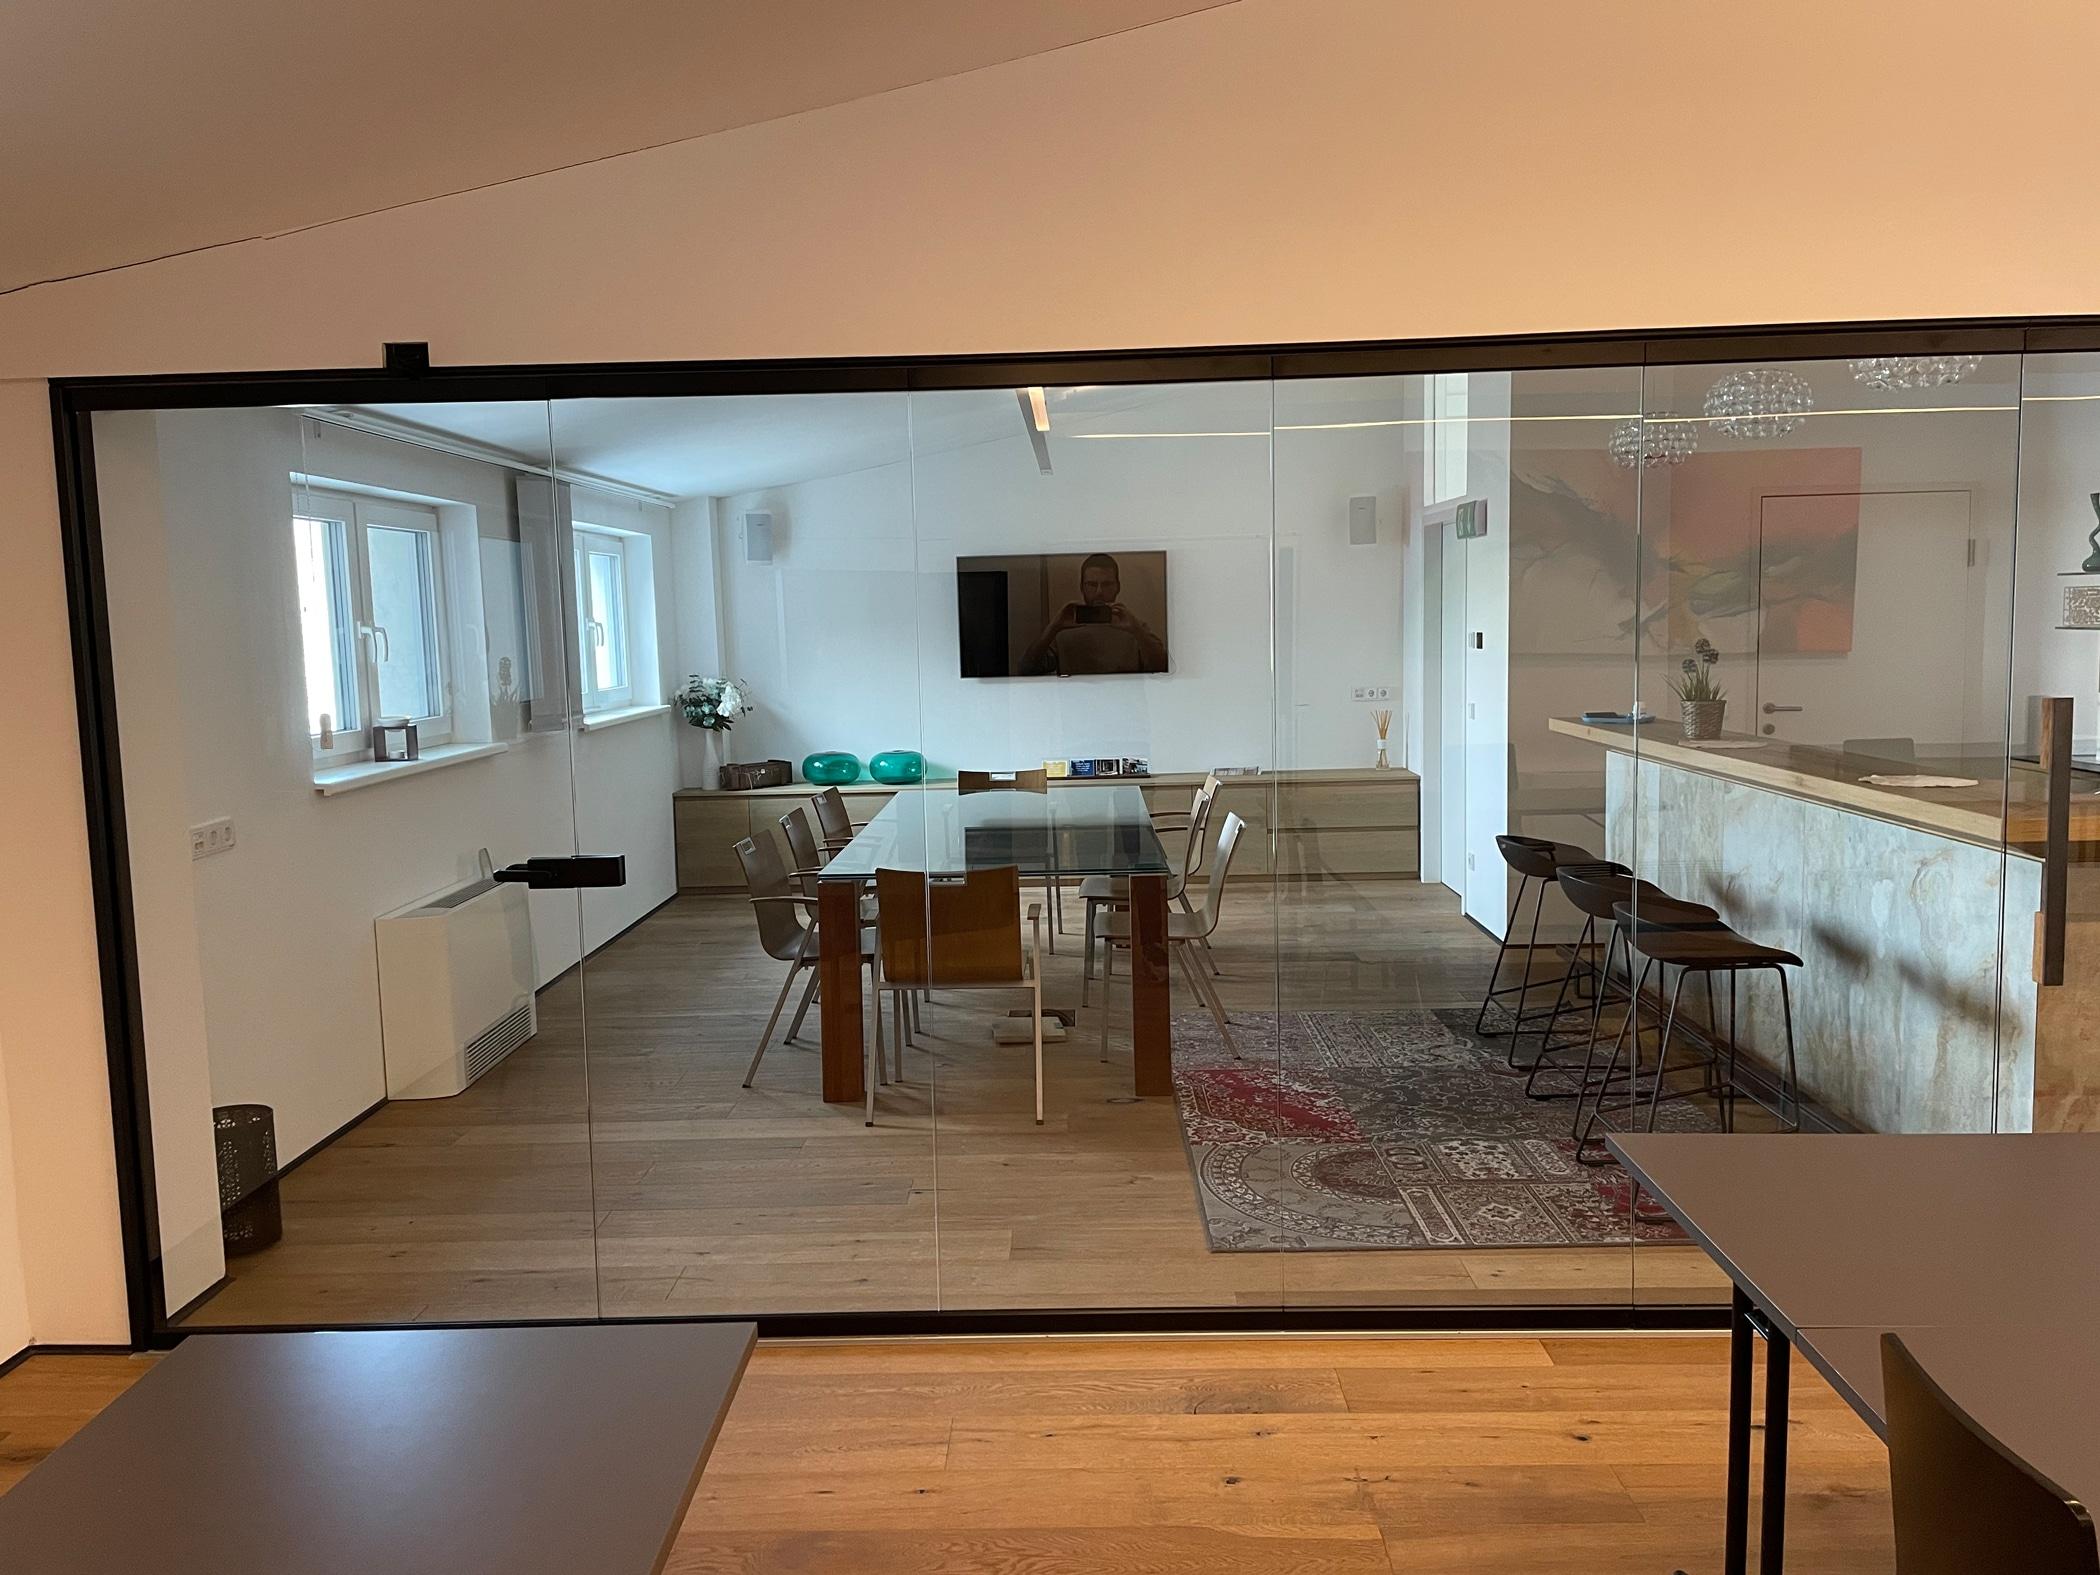 Falt Schiebetüren Glas Innenbereich